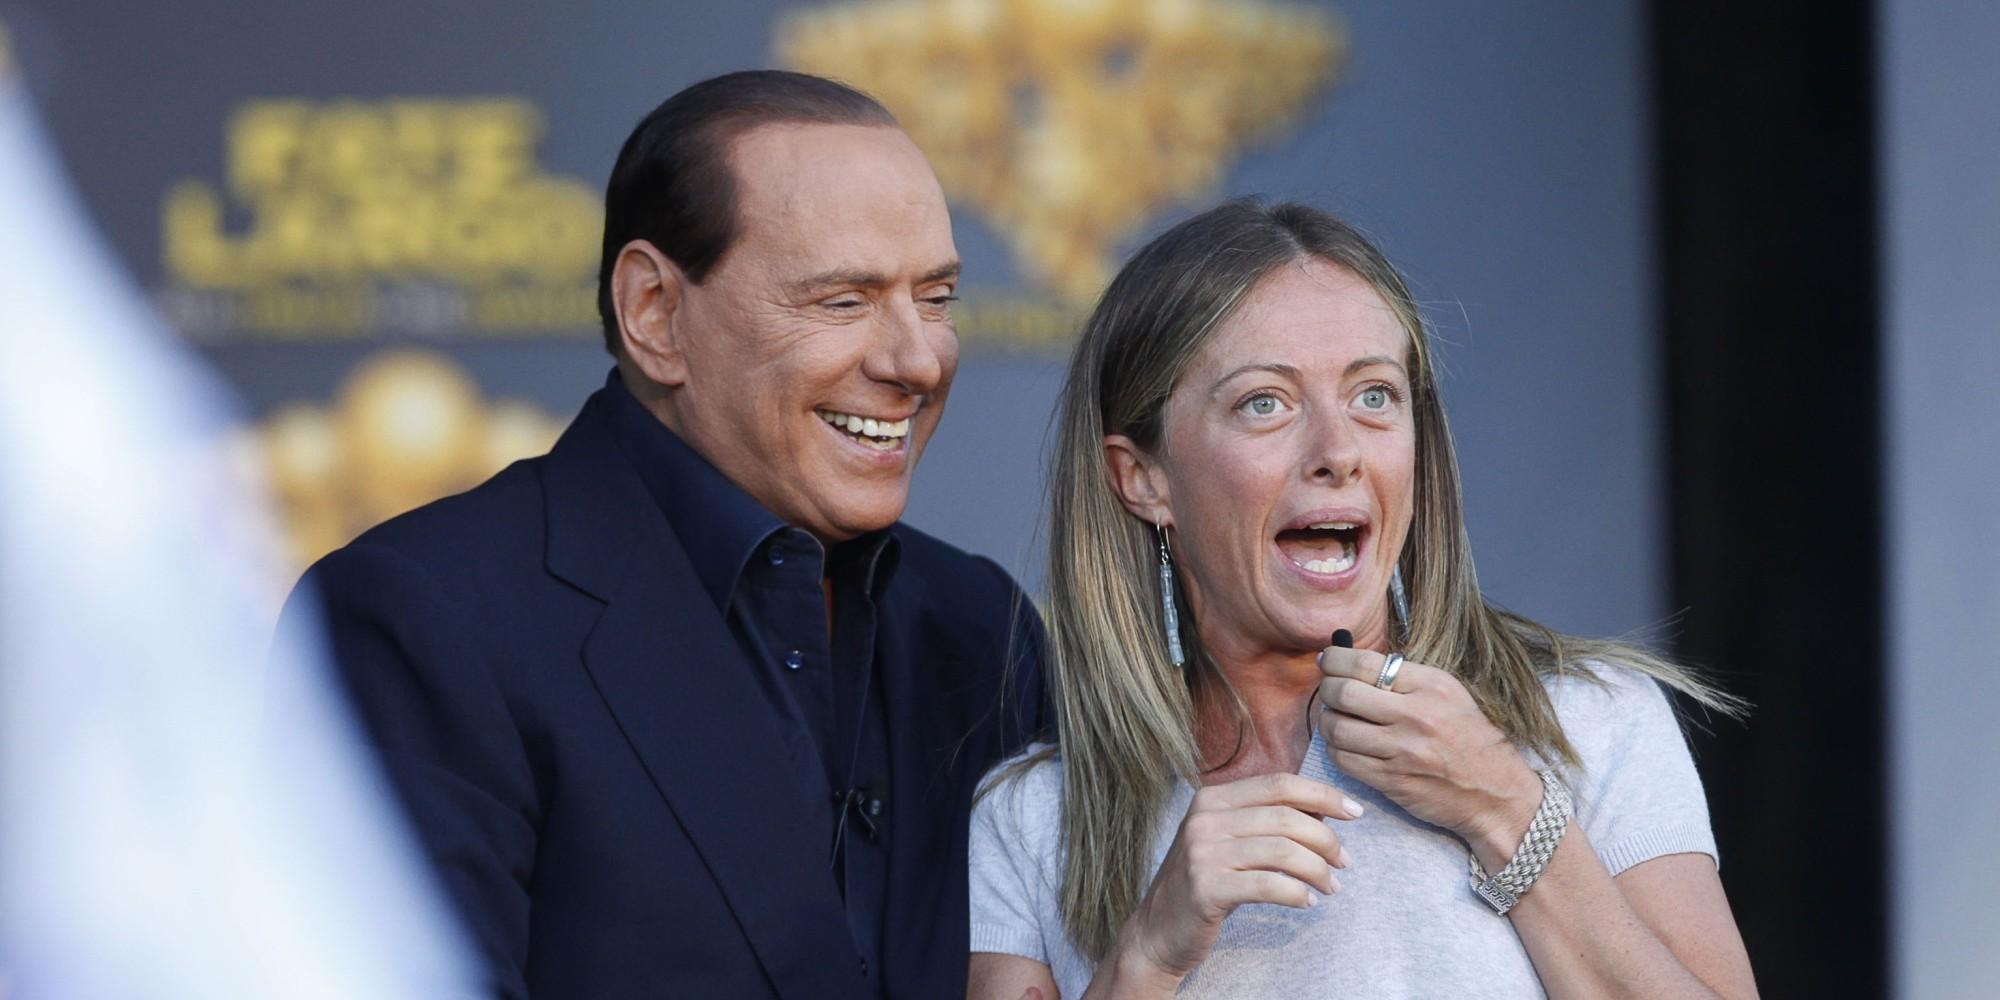 Il Presidente del Consiglio SIlvio Berlusconi ospite di Atreju, con il ministro della Gioventu', Giorgia Meloni, oggi 9 settembre 2011 a Roma. ANSA/ALESSANDRO DI MEO